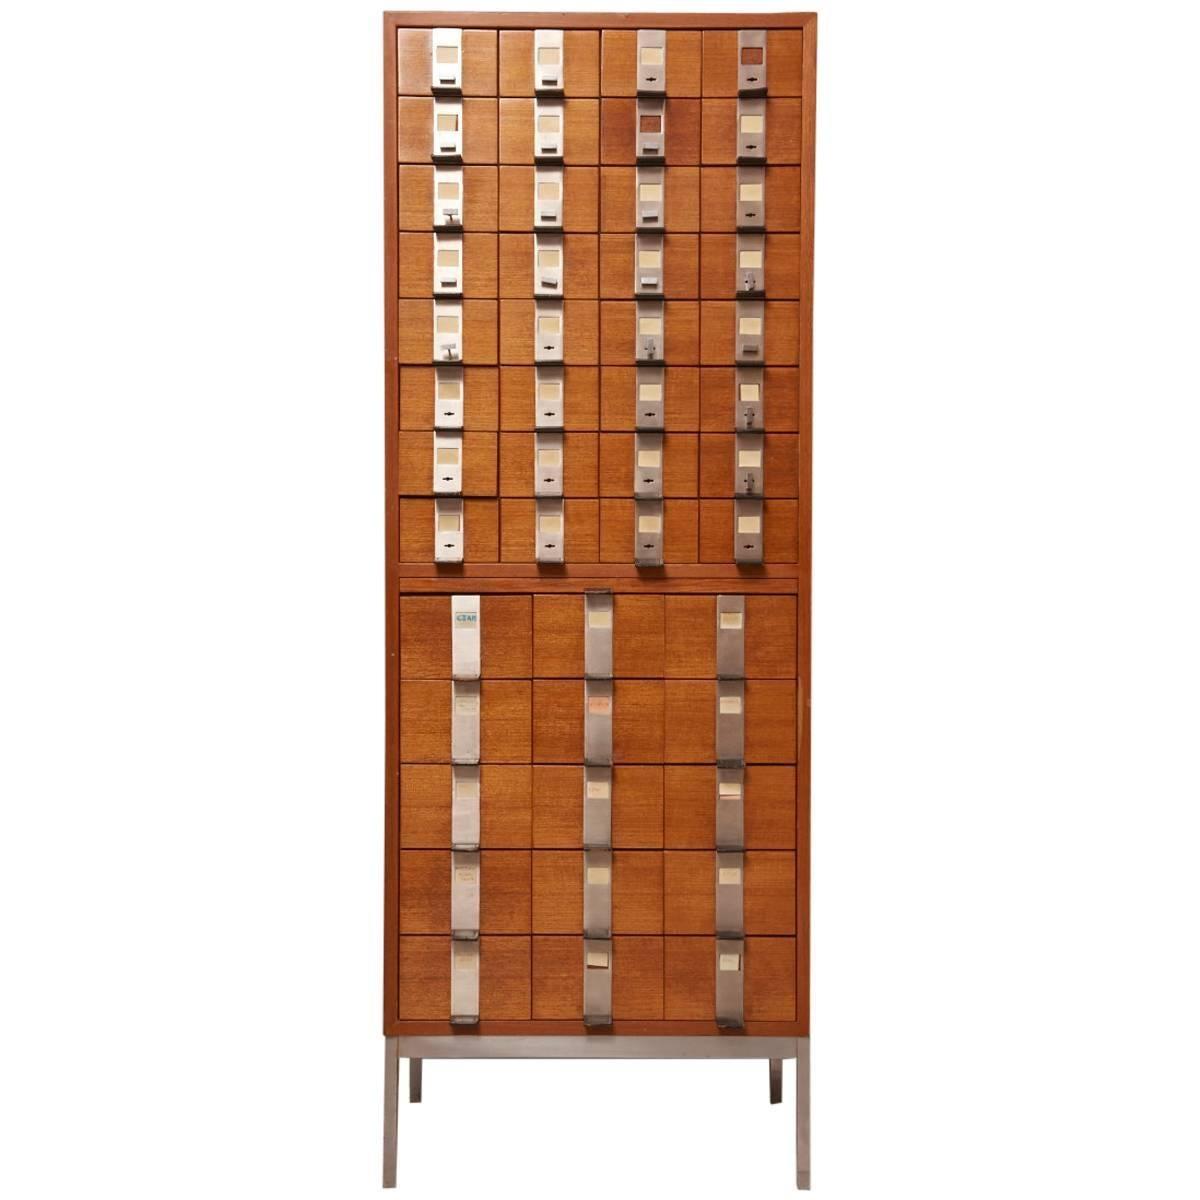 Massive Oak Cabinet with Drawers Designed by Kunstwerkstede de Coene